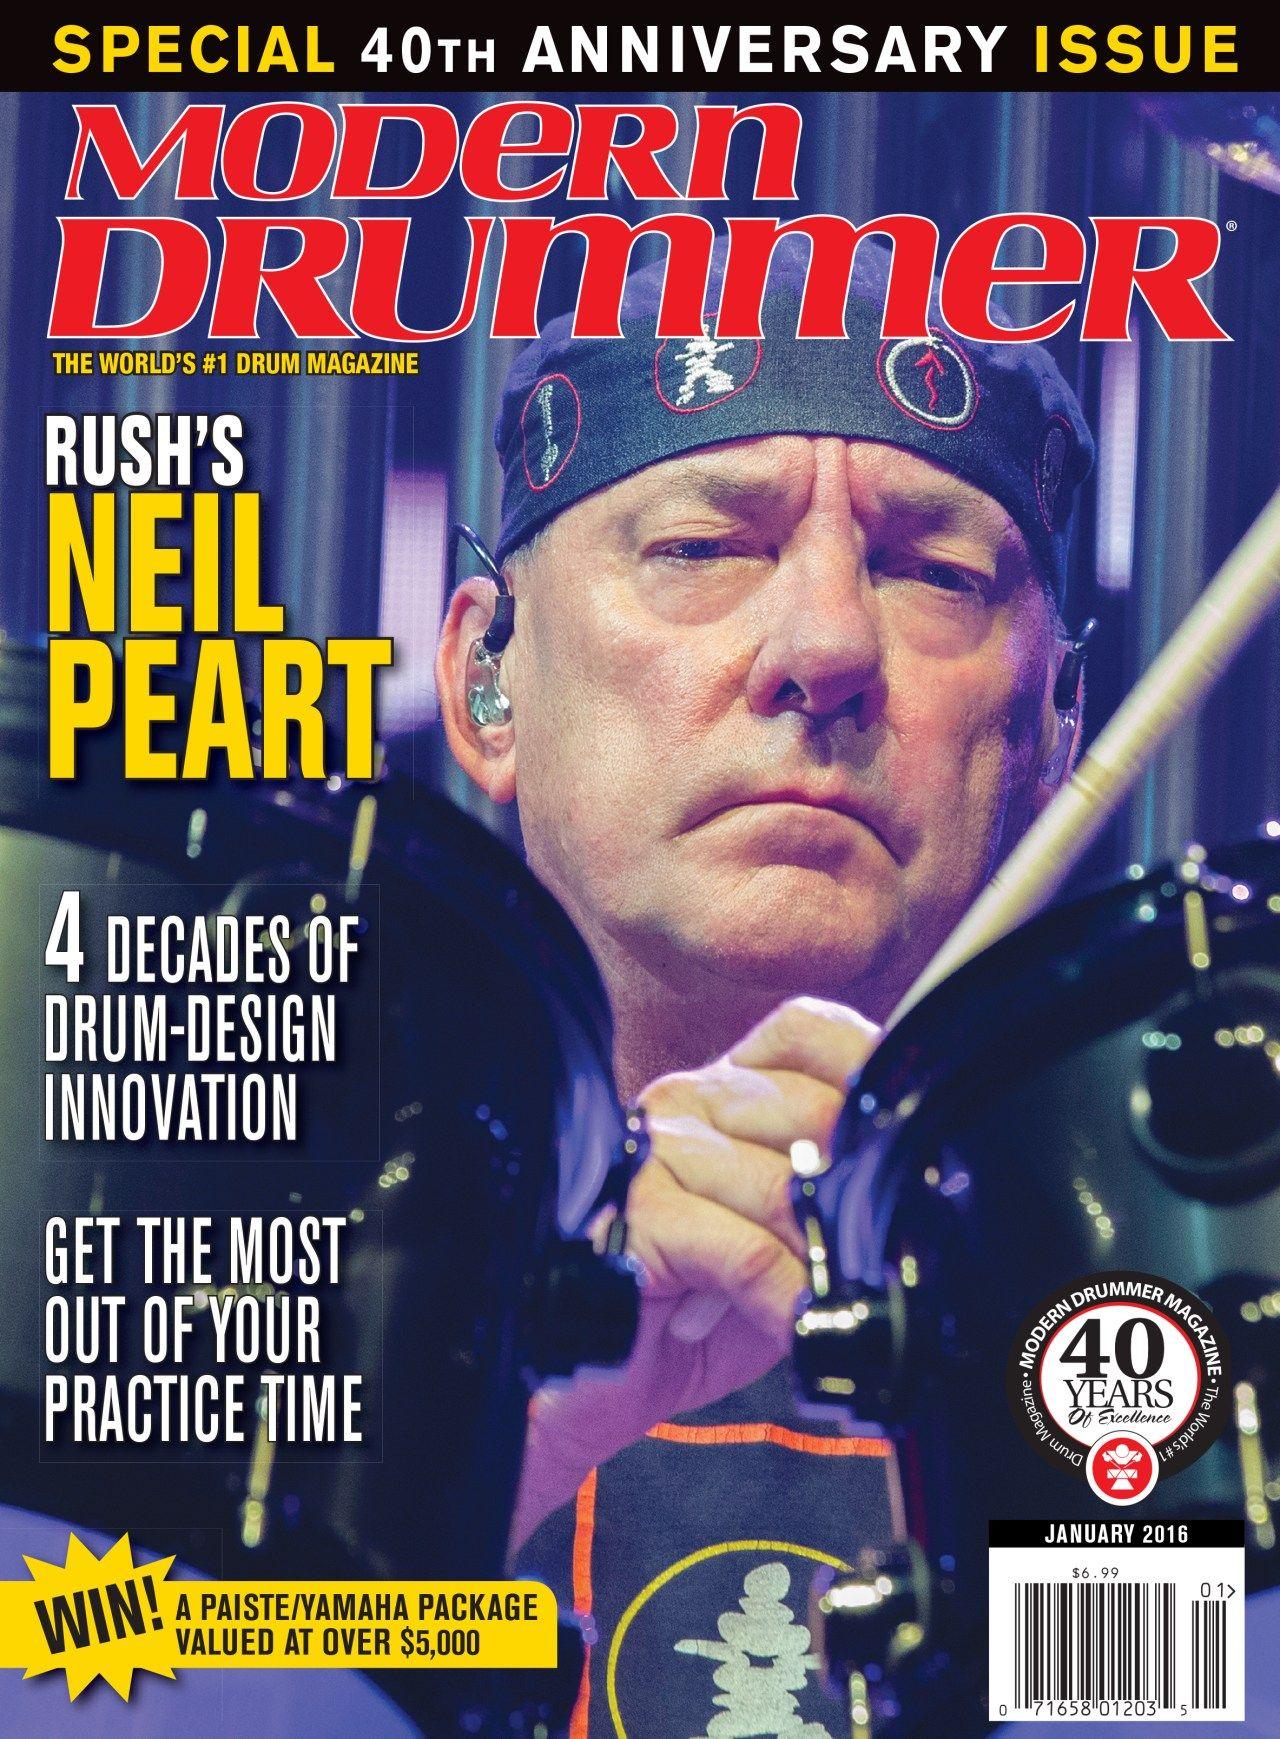 Neil Peart Modern Drummer Magazine In 2020 Modern Drummer Neil Peart Drummer